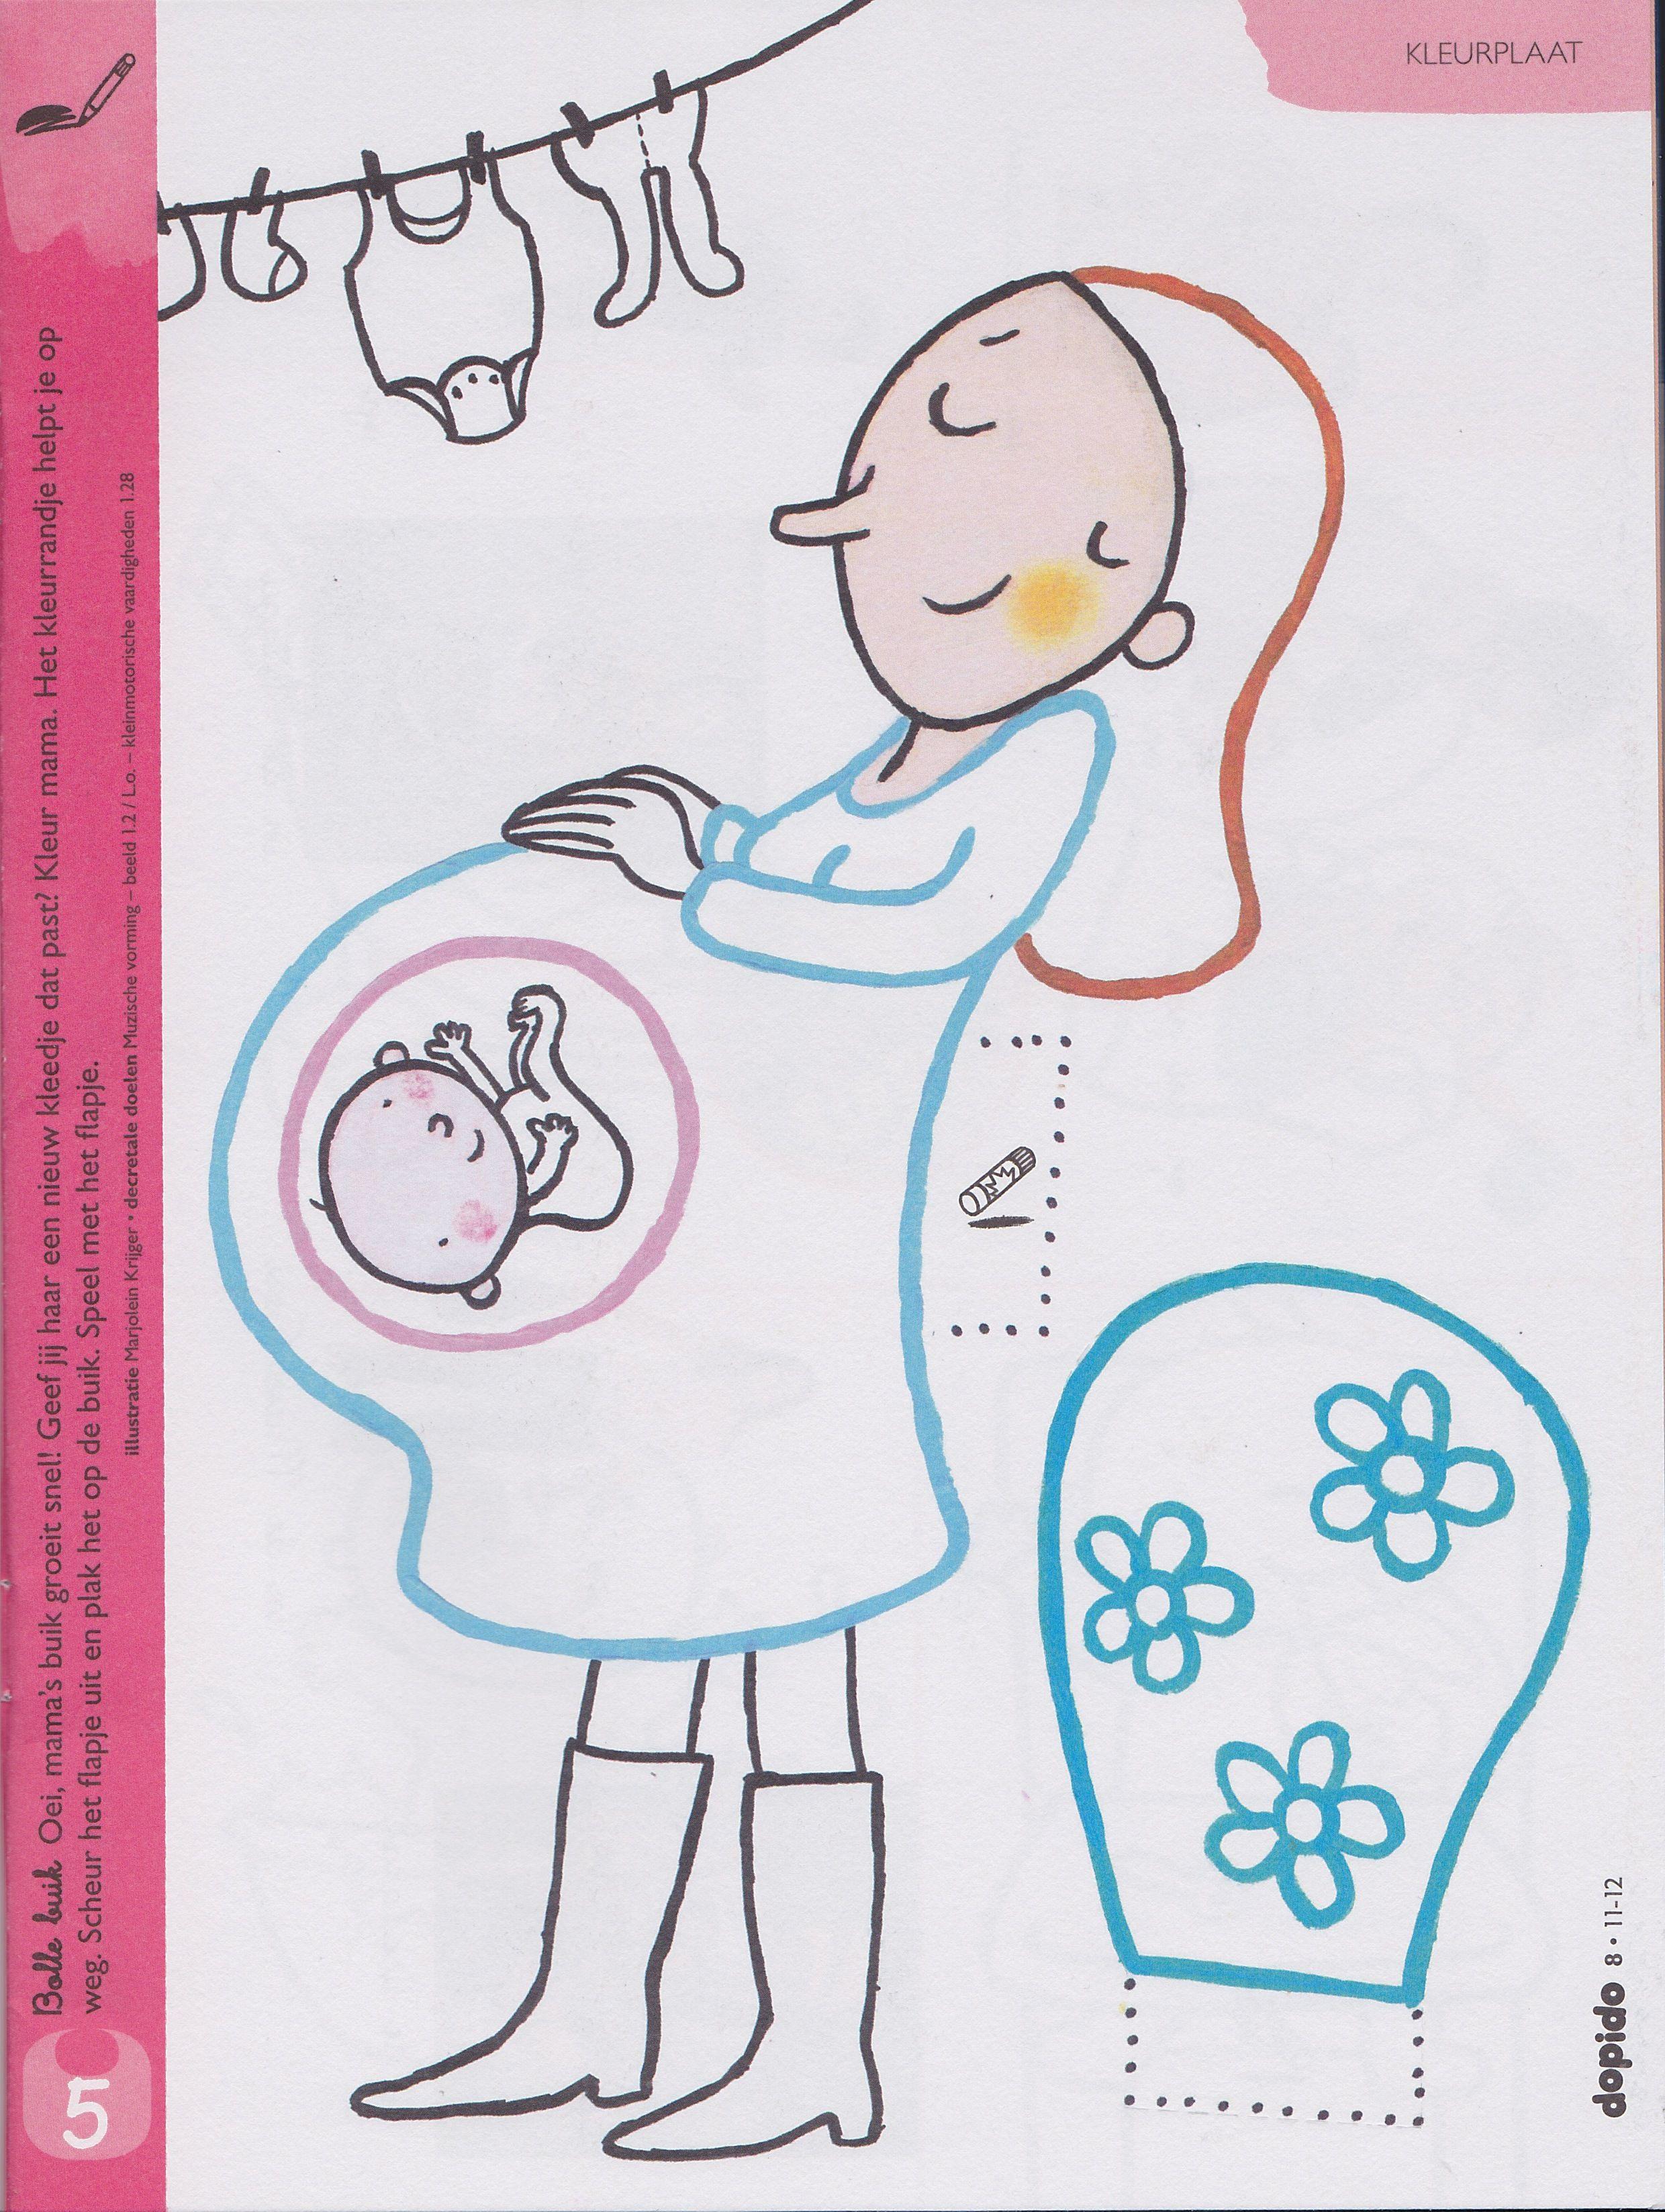 Pin Van Heidi Vanhouche Op Pracovni Listy Knutselen Thema Baby Zwanger Baby Geboorte